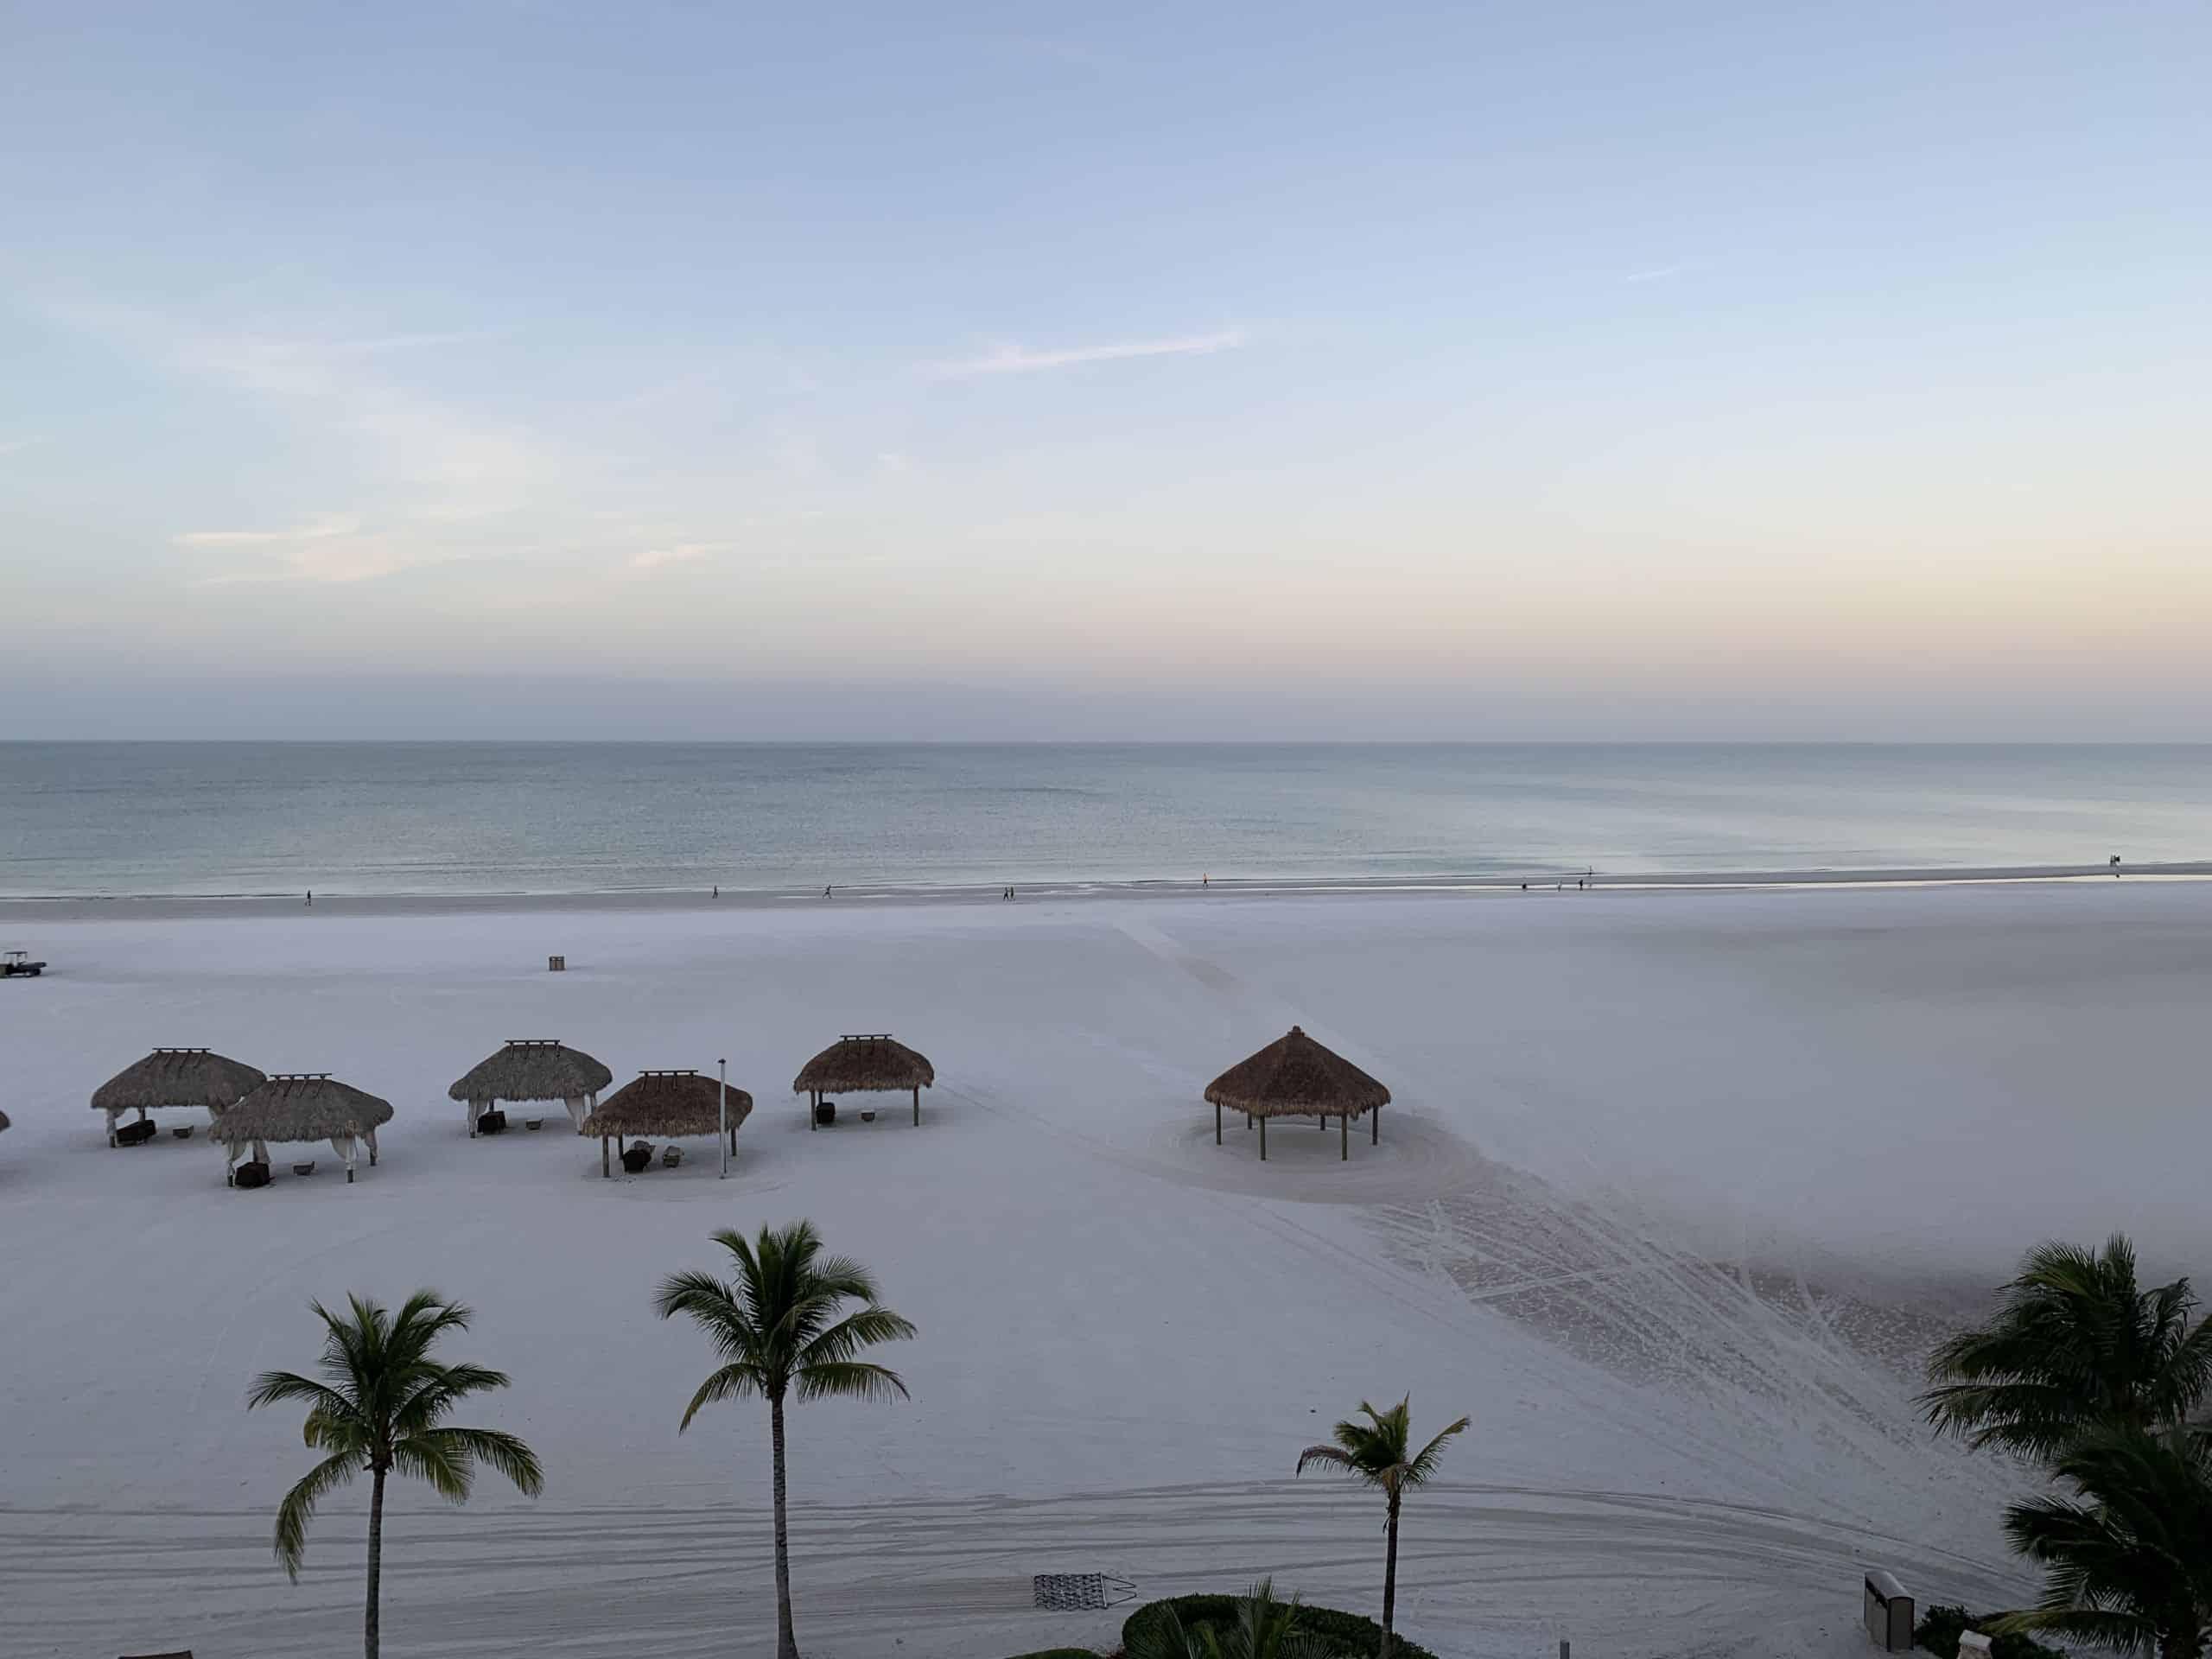 The beach on Florida's Paradise Coast